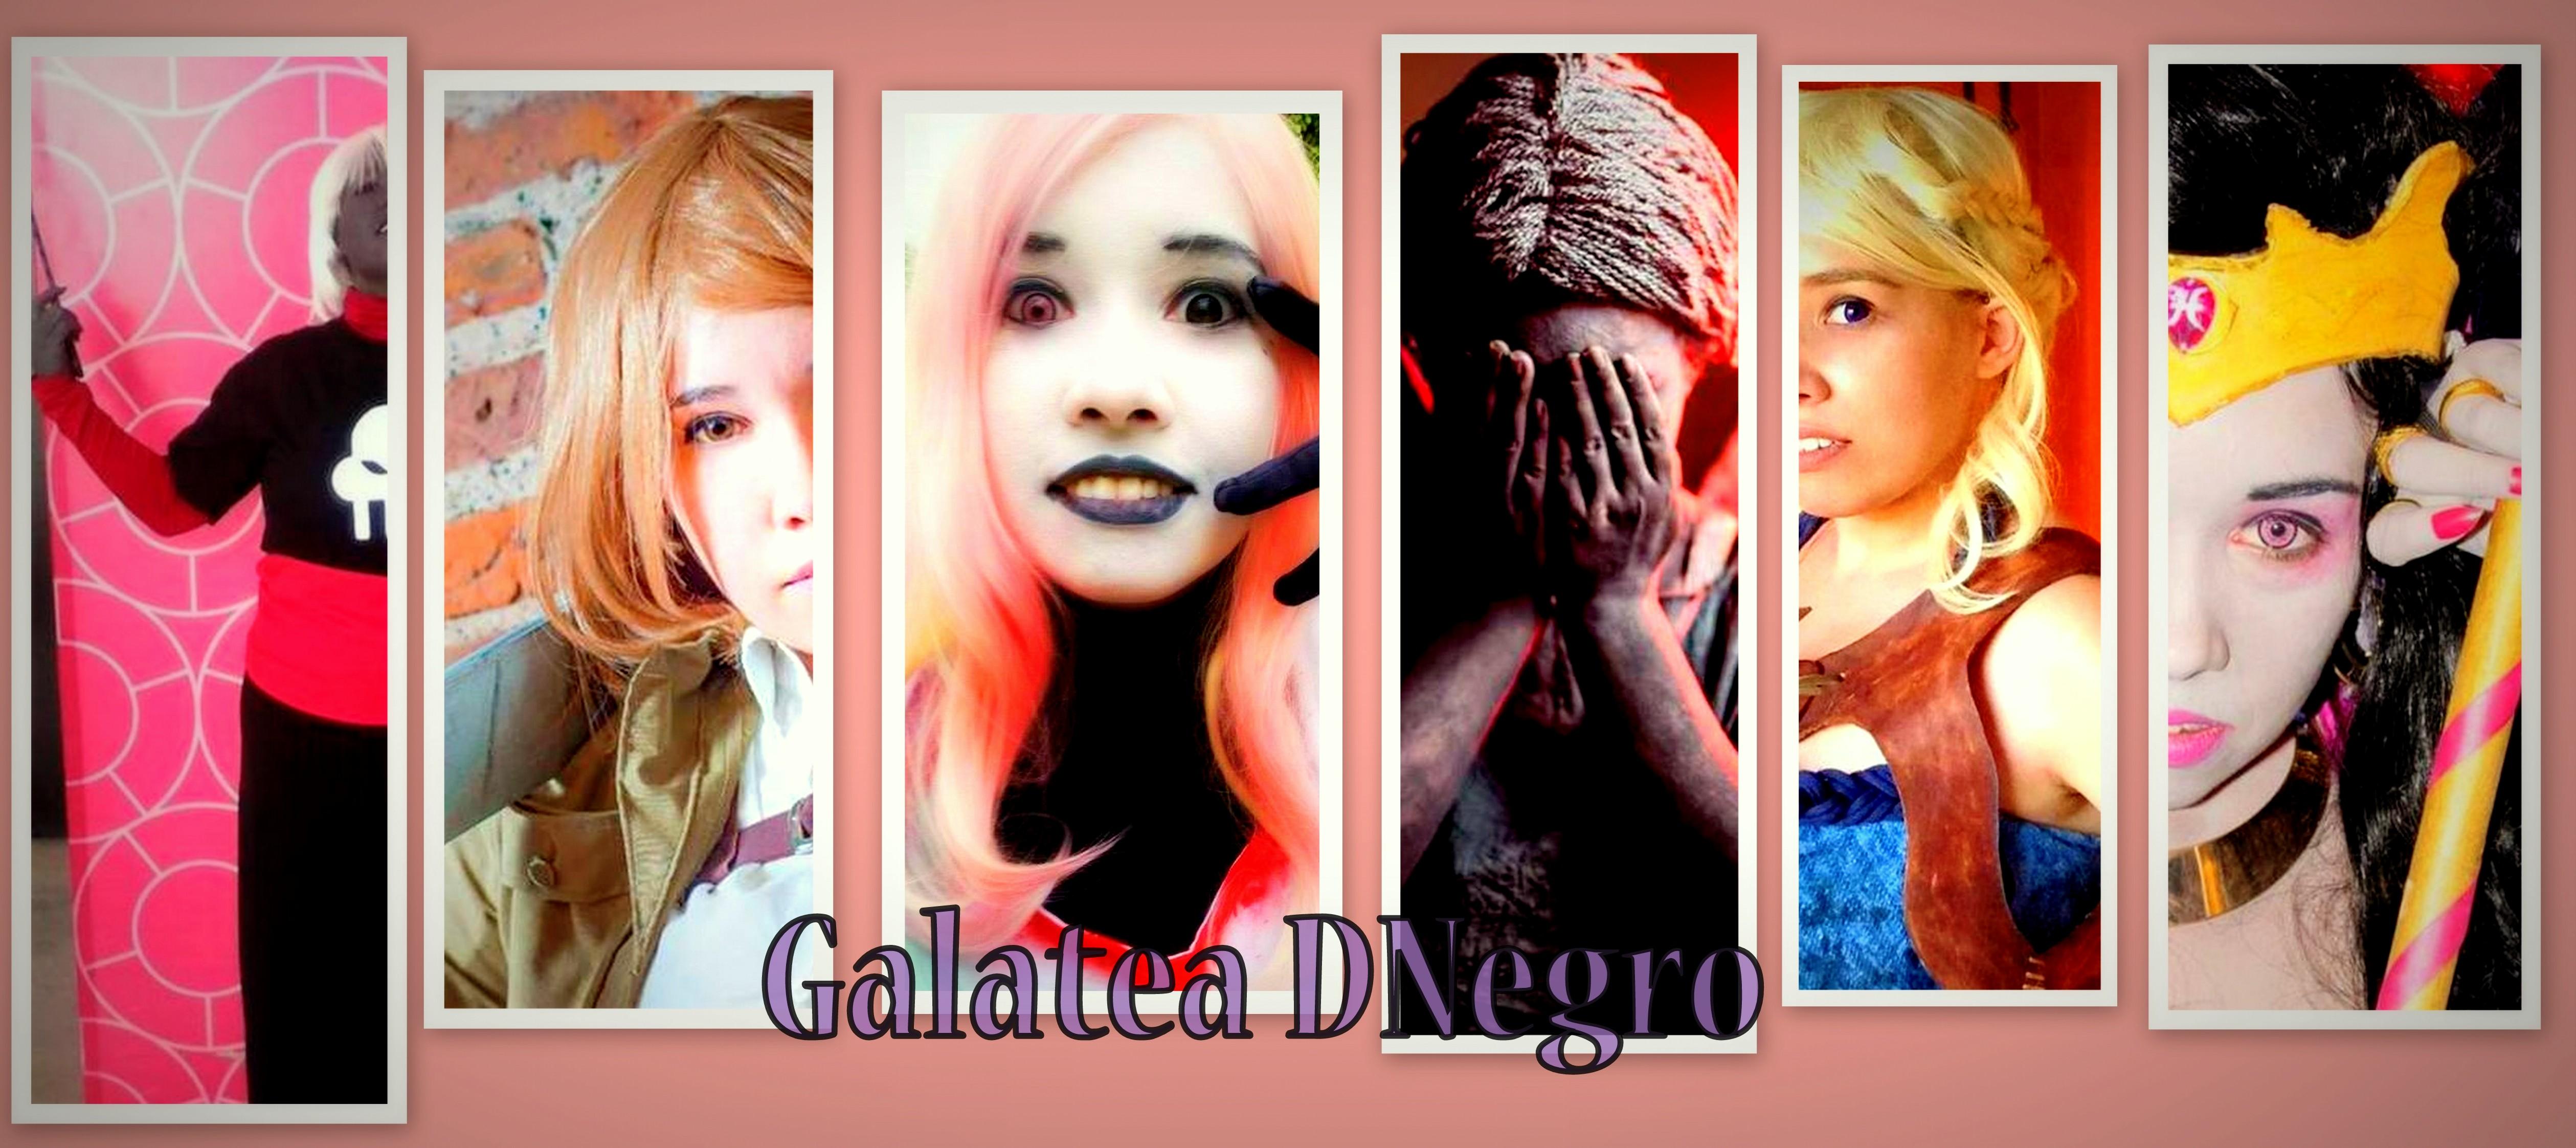 Galatea-DNegro's Profile Picture